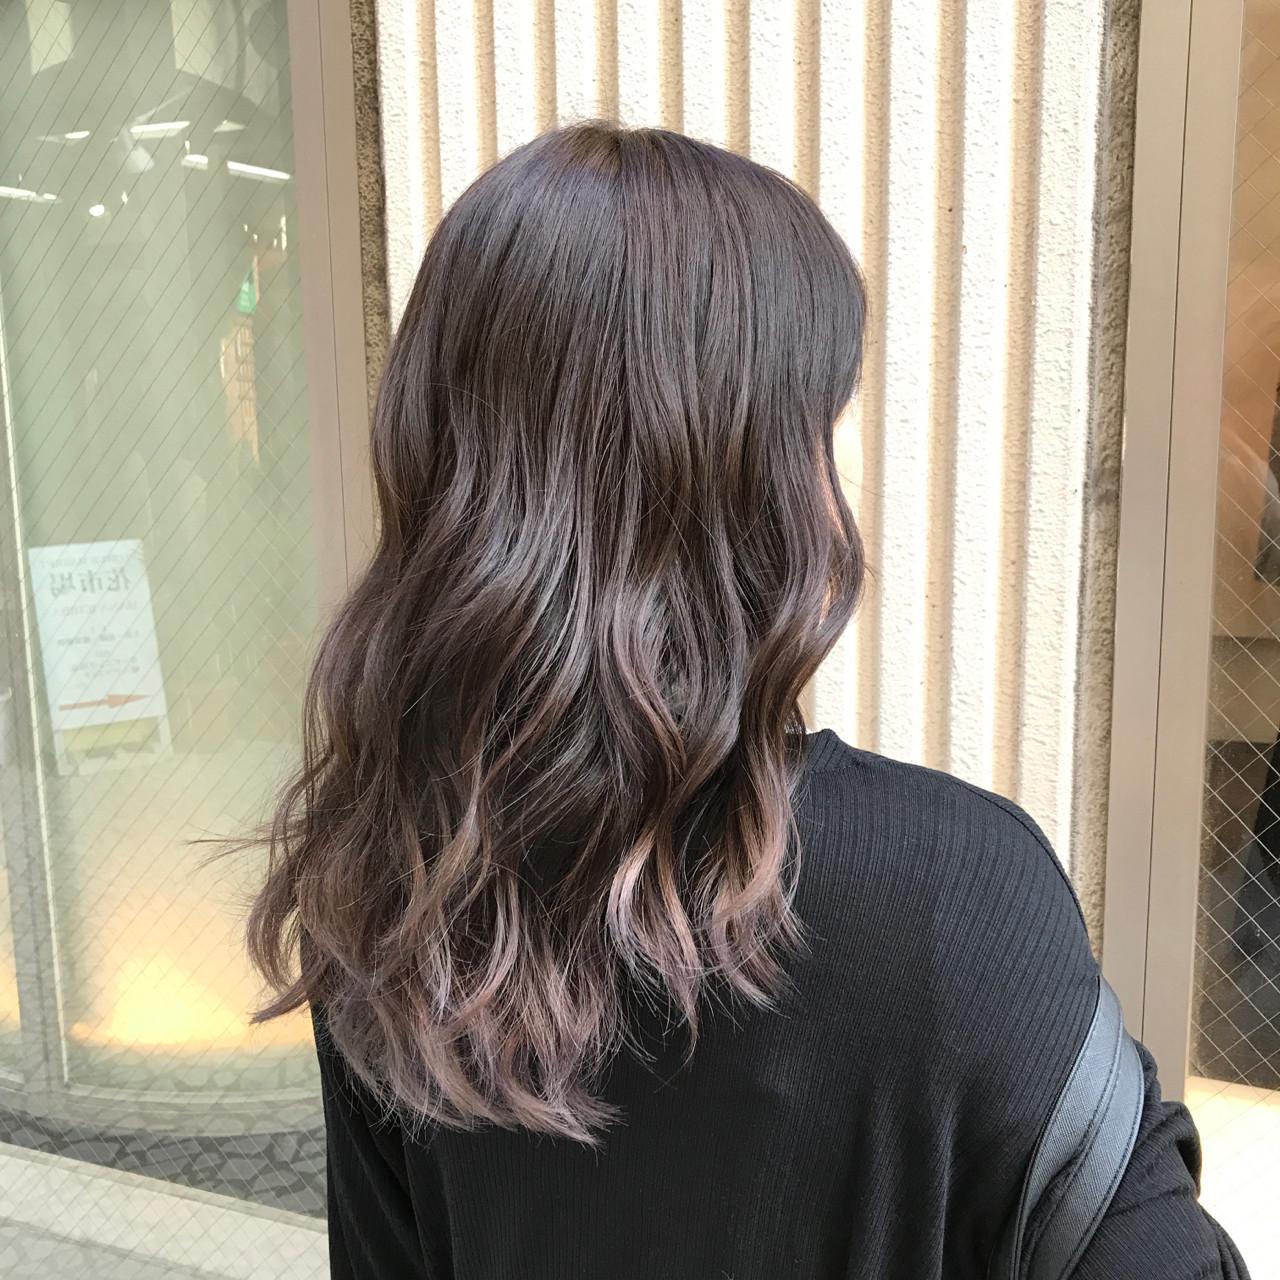 グレージュ 巻き髪 透明感 マット ヘアスタイルや髪型の写真・画像 | 青野拓美 / ISM 南青山店